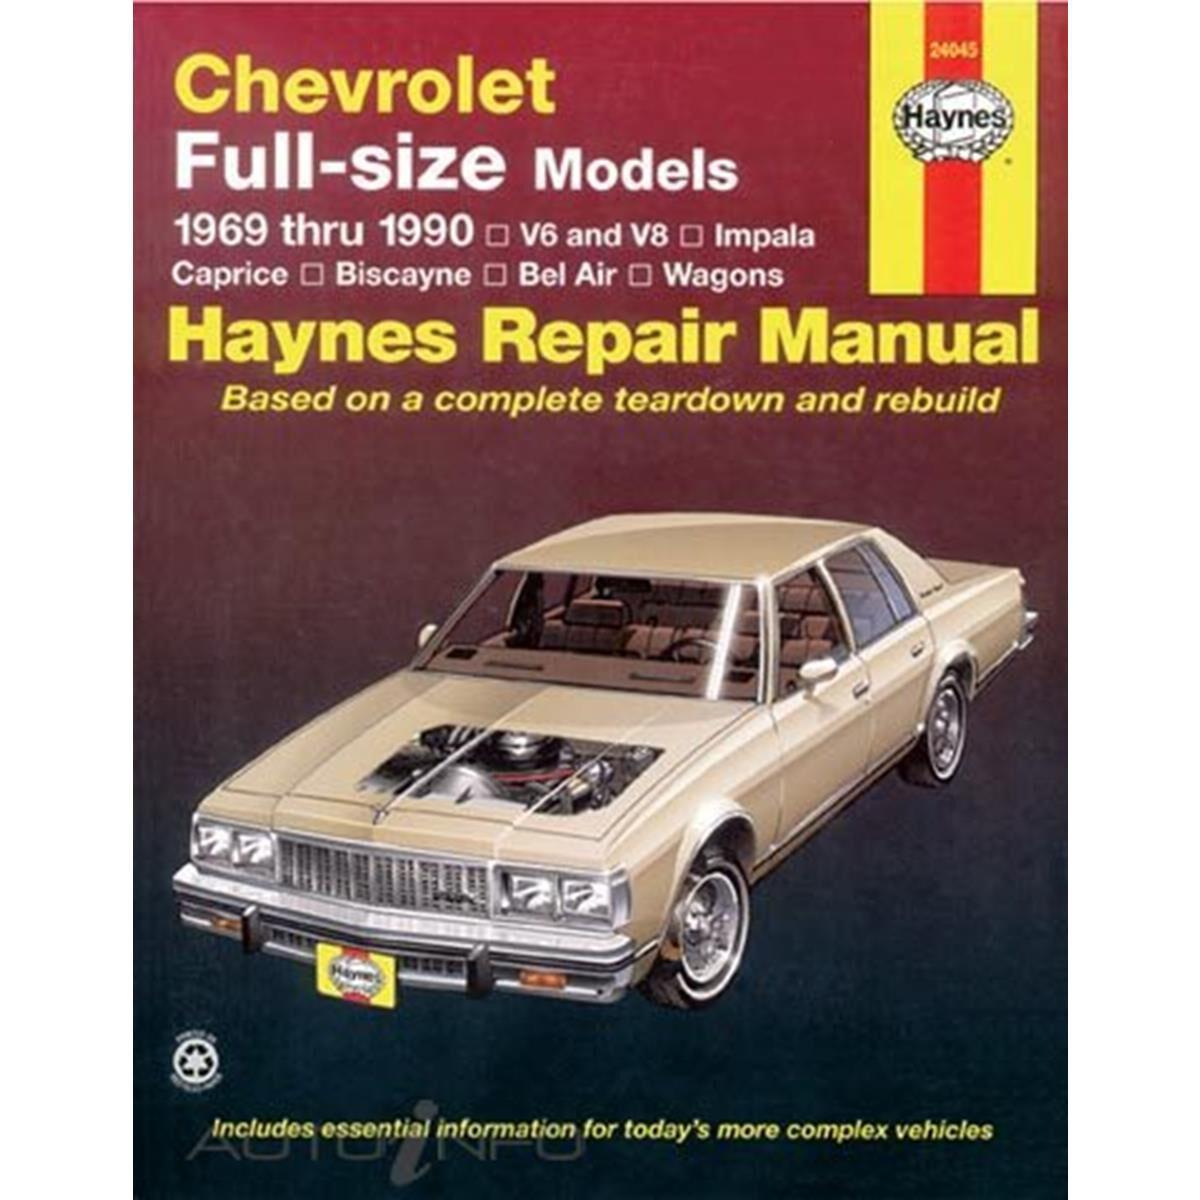 Bel Air Chevrolet Caprice Wagons Repair Manual 1969-1990 Impala Biscayne